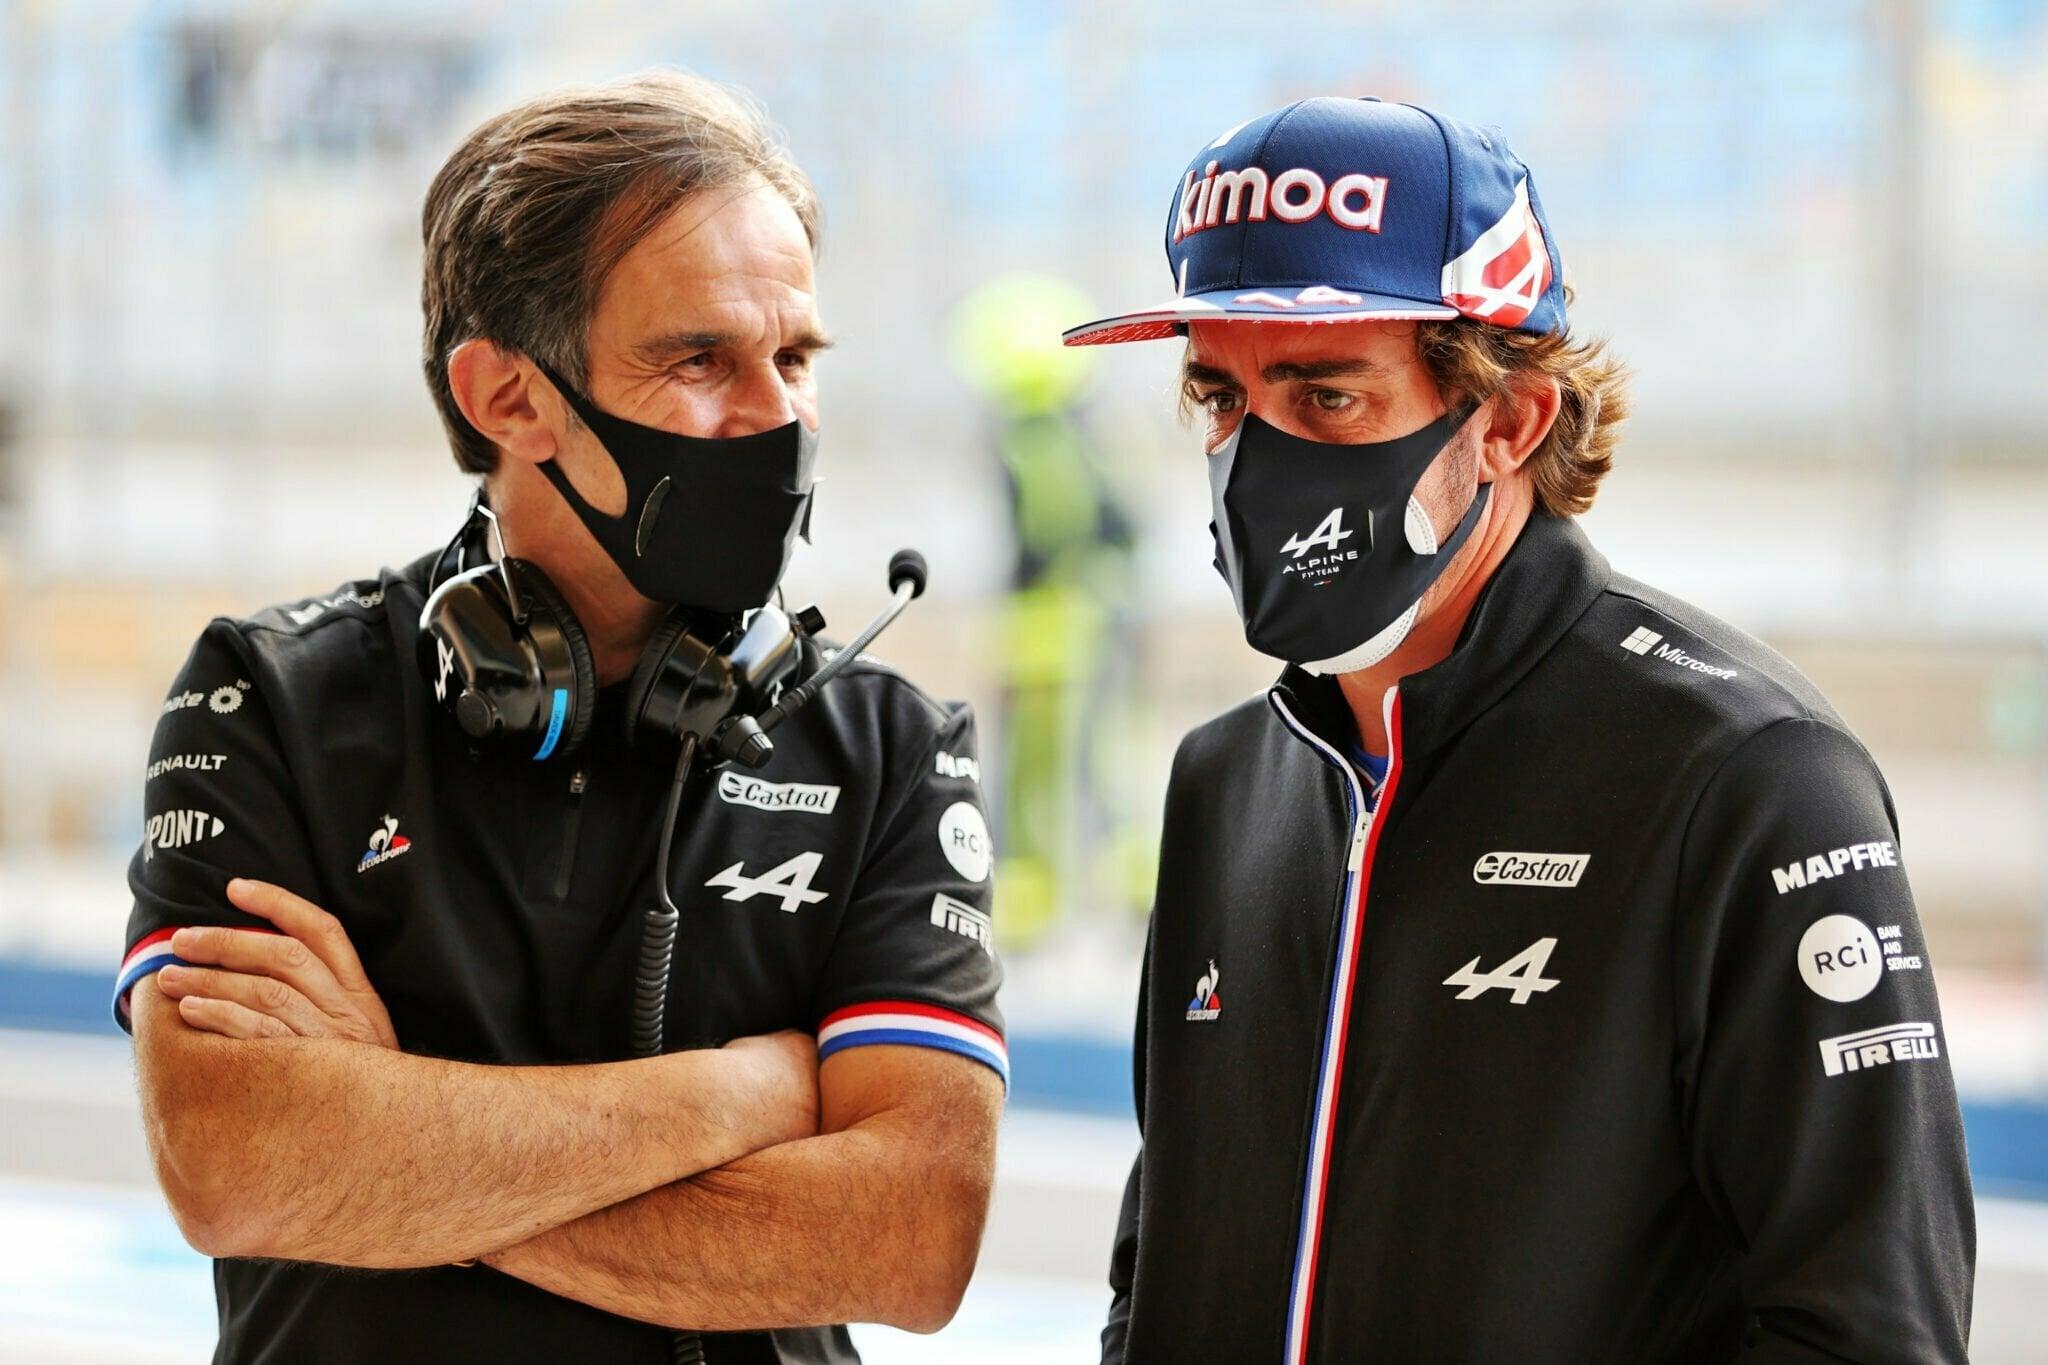 Alpine F1 Team Fernando Alonso A521 Bahrein 2021 3 | Alpine F1 Team : la 9ème et 16ème position pour Alonso et Ocon aux qualifications à Bahreïn